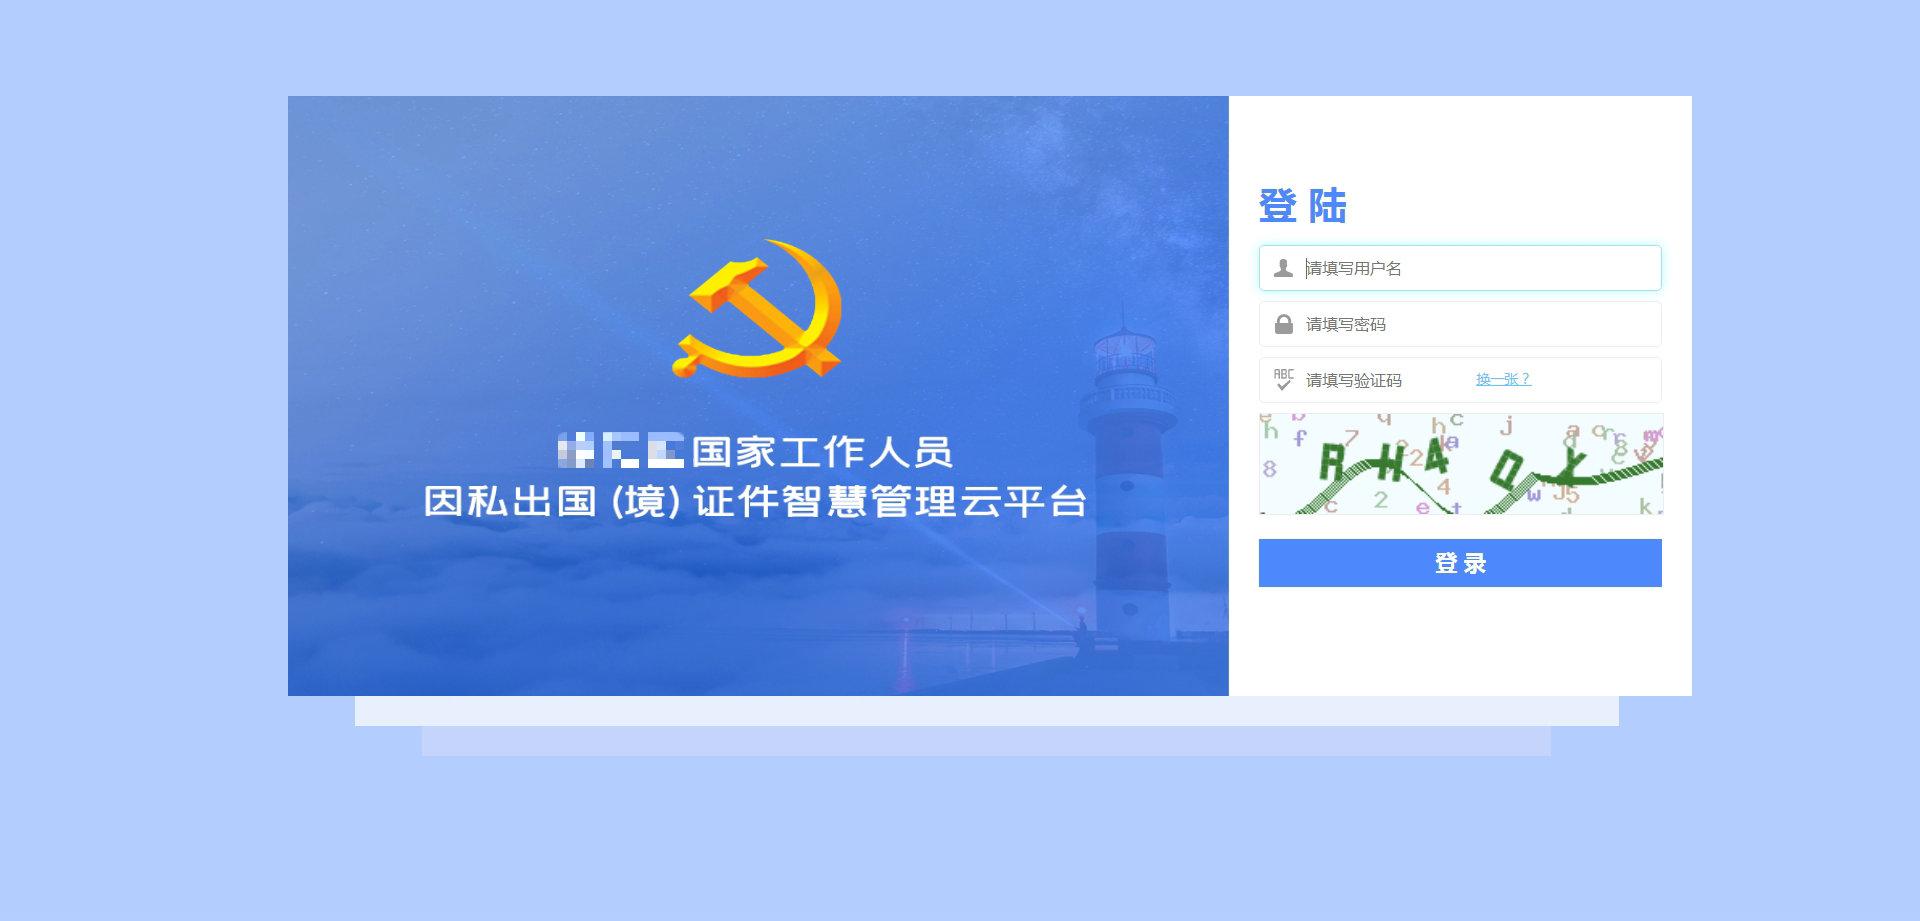 欢迎登录榆阳区委组织部智慧党建云.jpg